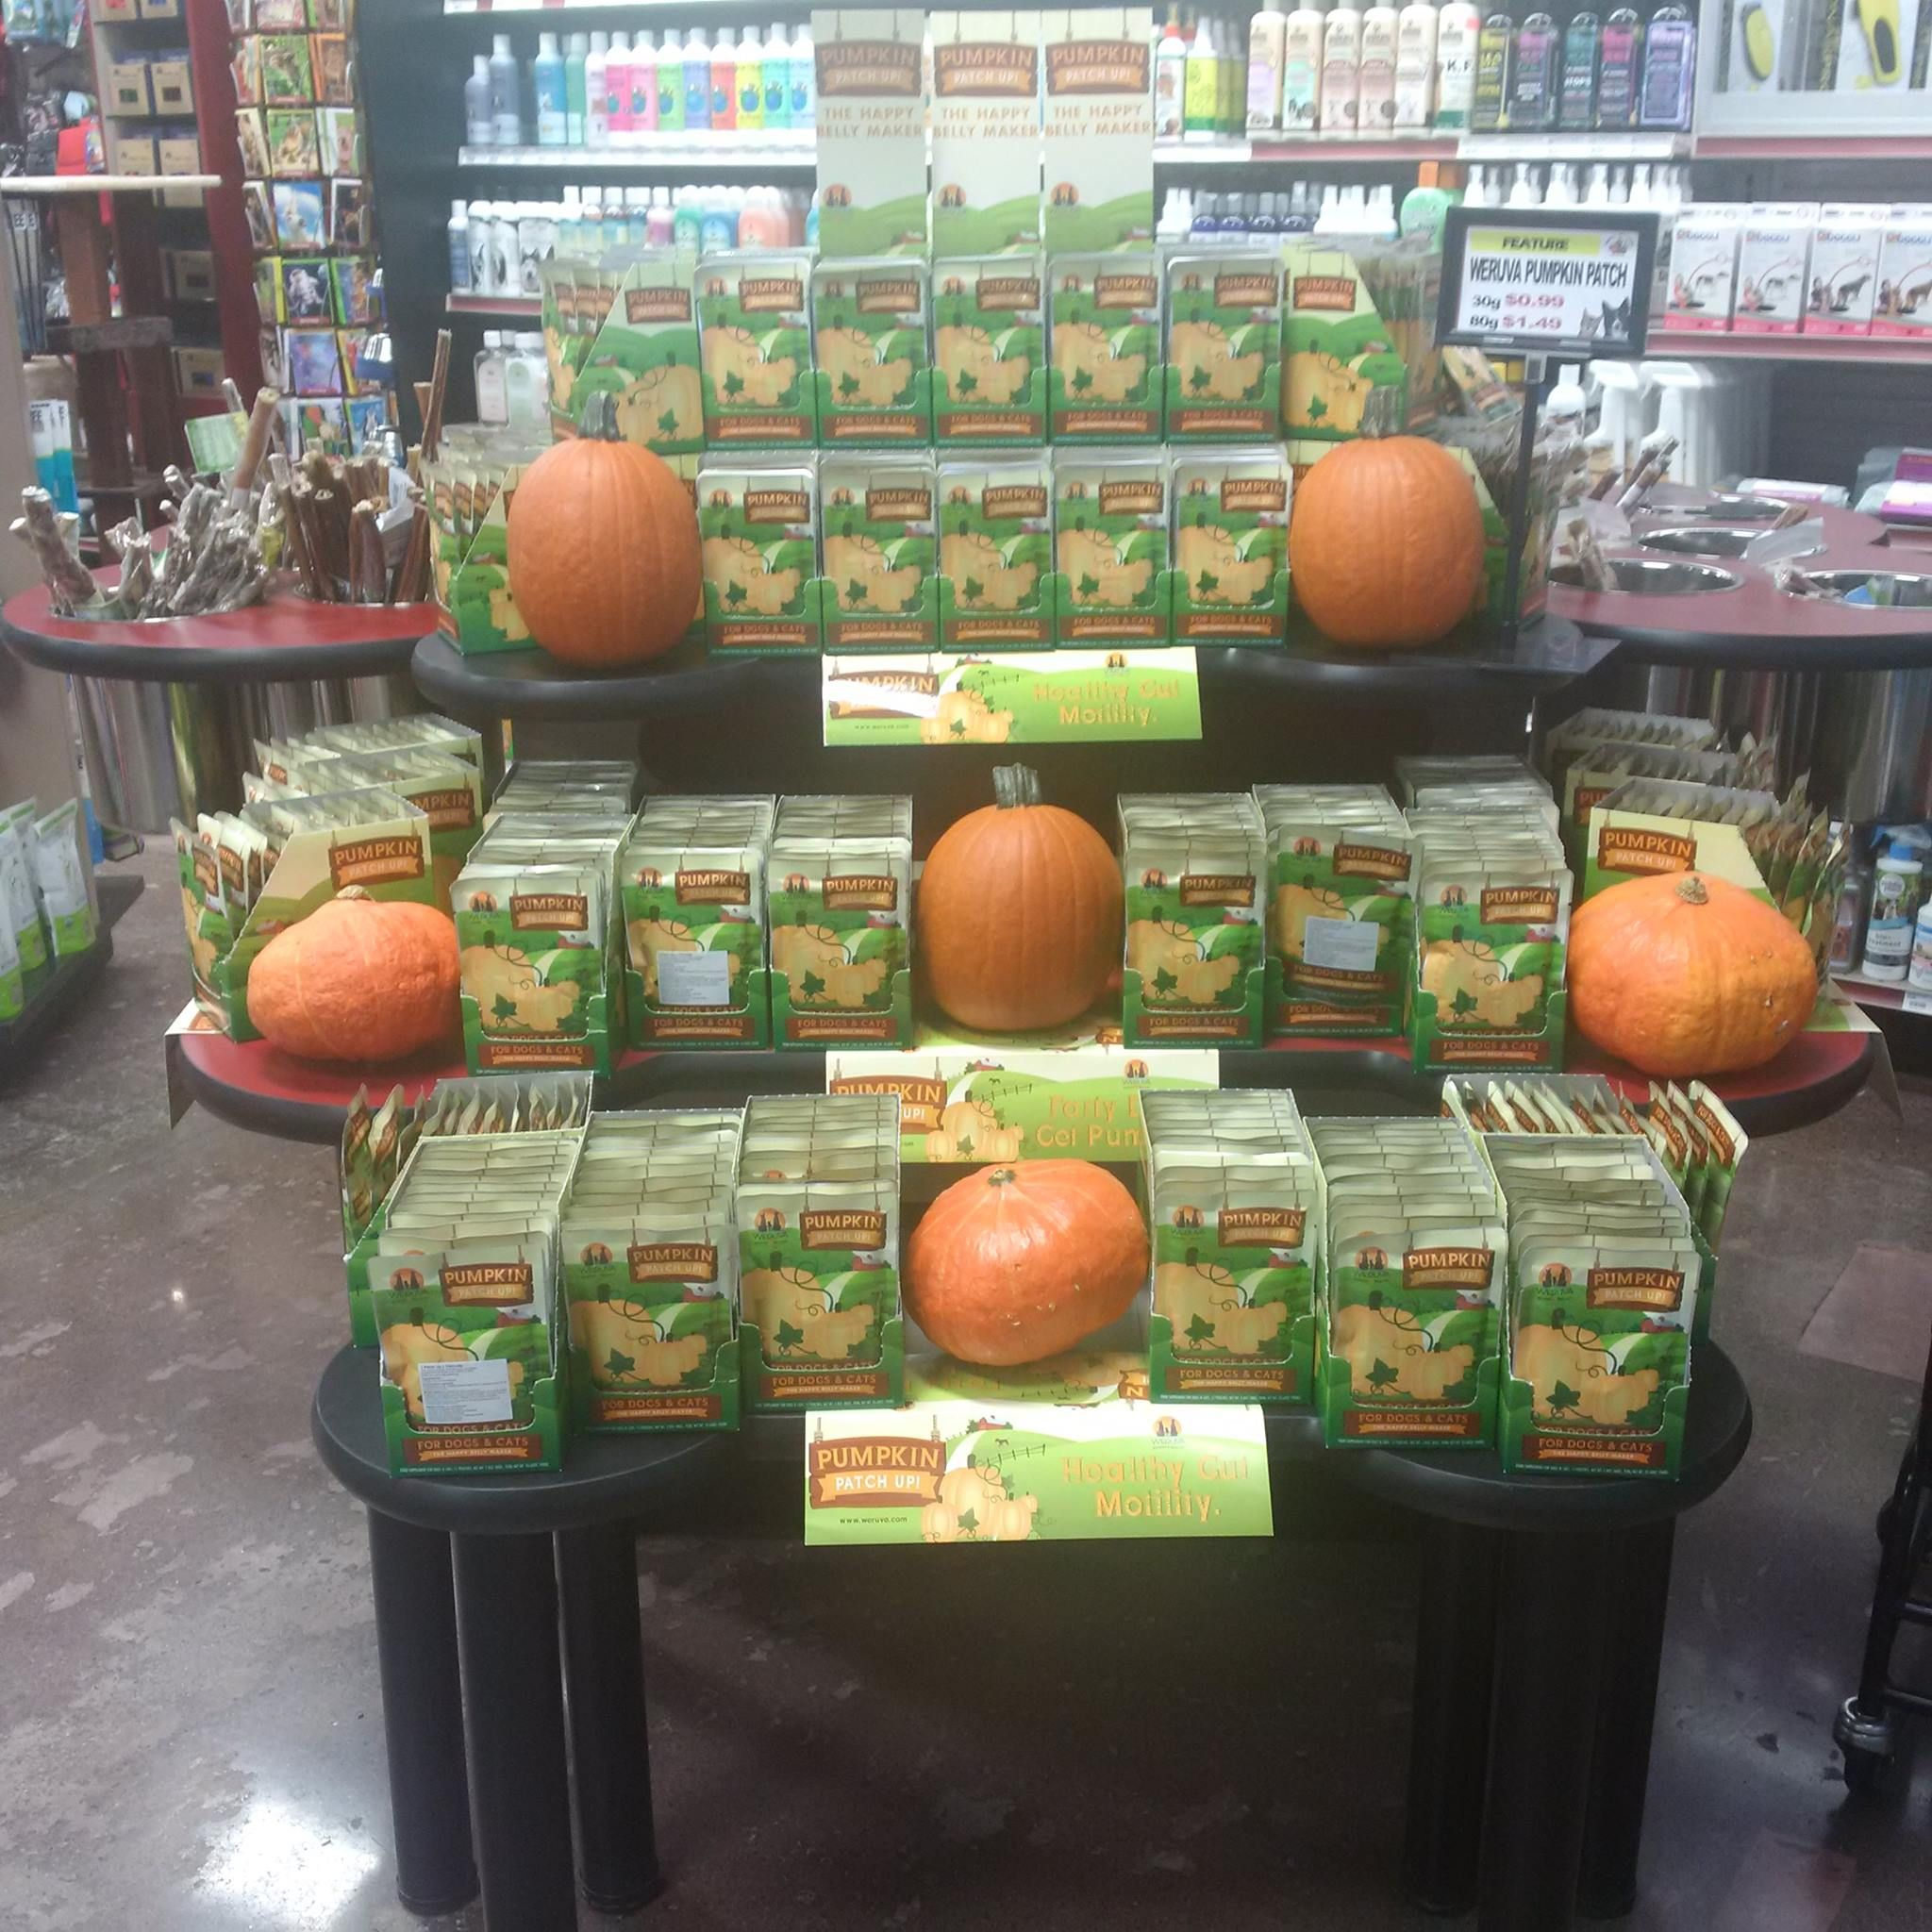 It S Pumpkin Time Weruva Pumpkin Patch Up Is A Pumpkin